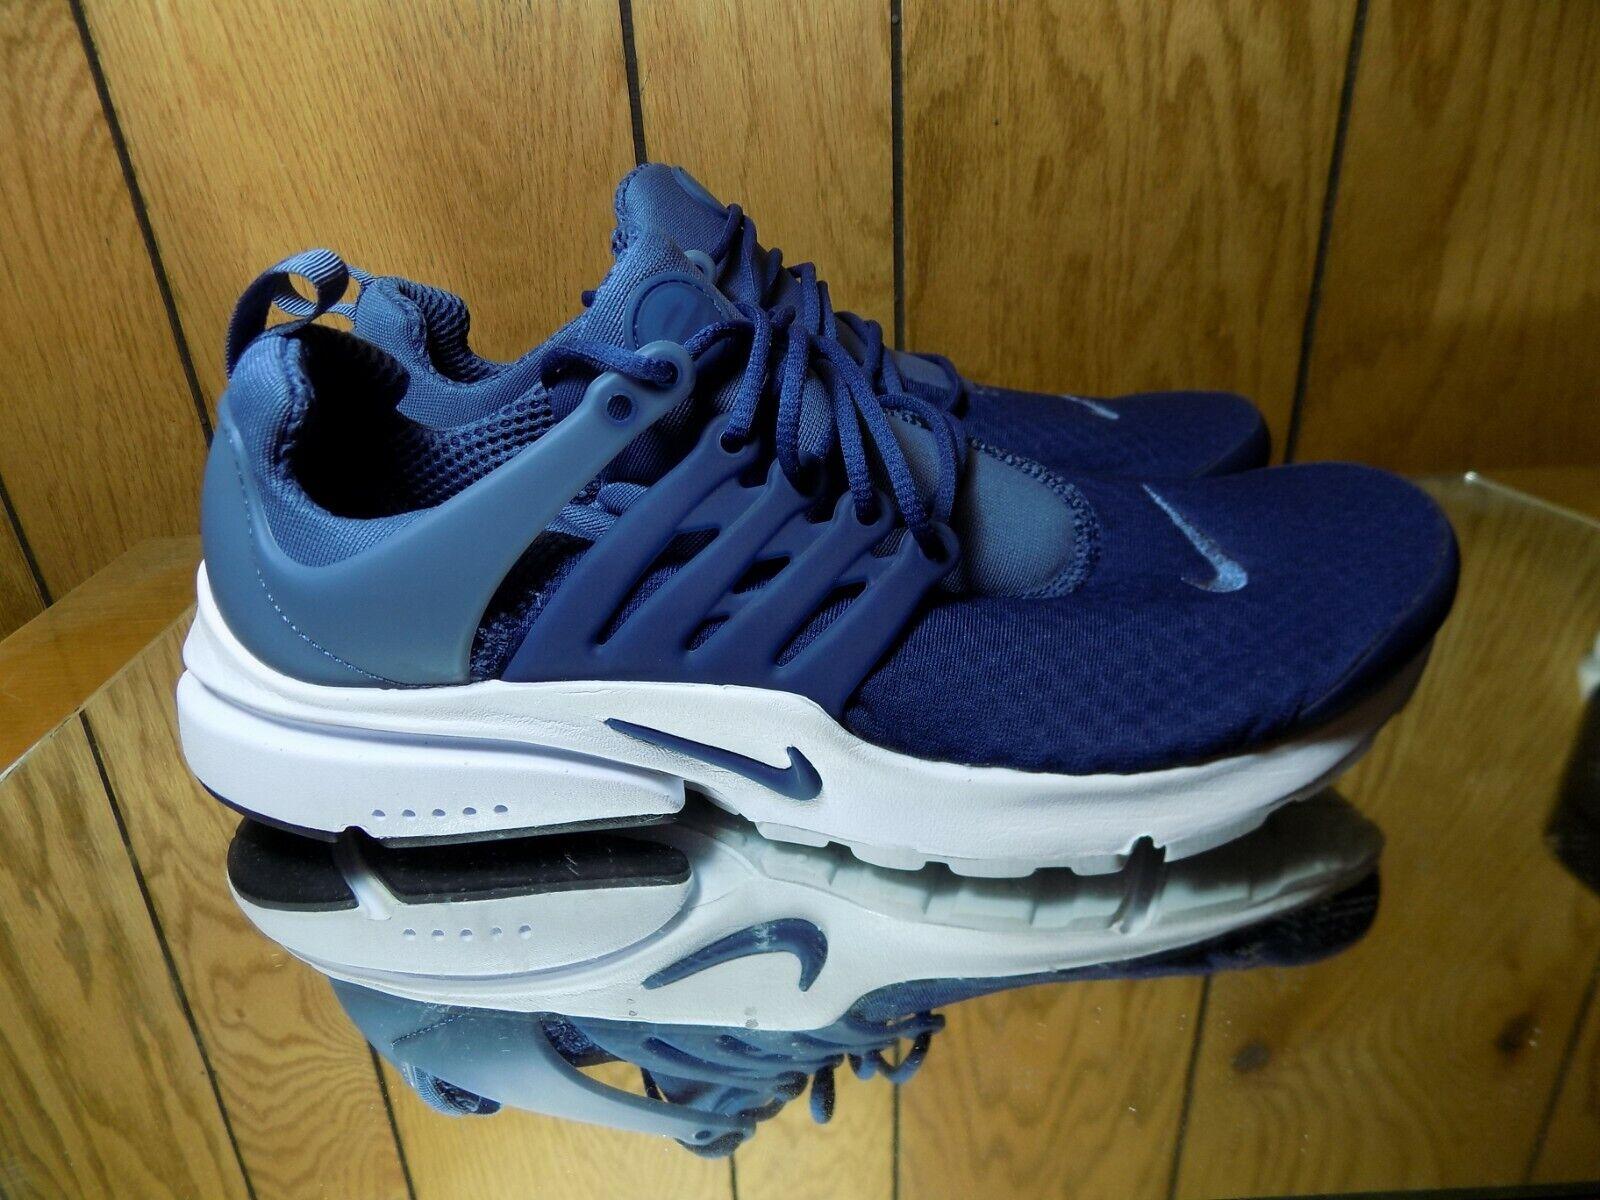 Nike Air Presto Essential Navy blueee Men Running shoes Sneakers 848187-406 s 10